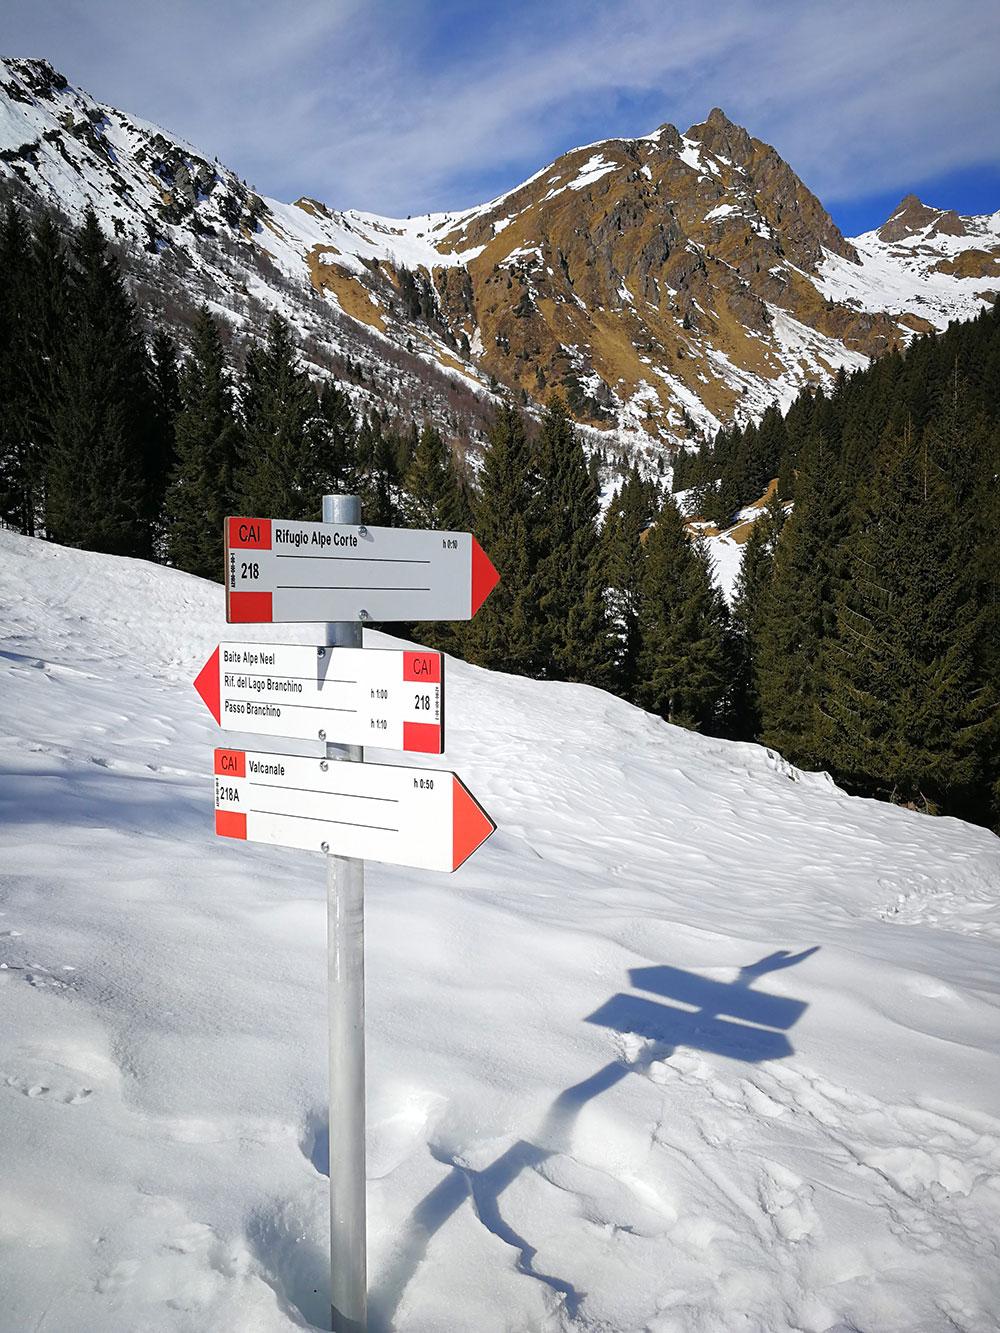 indicazioni per rifugio alpe corte